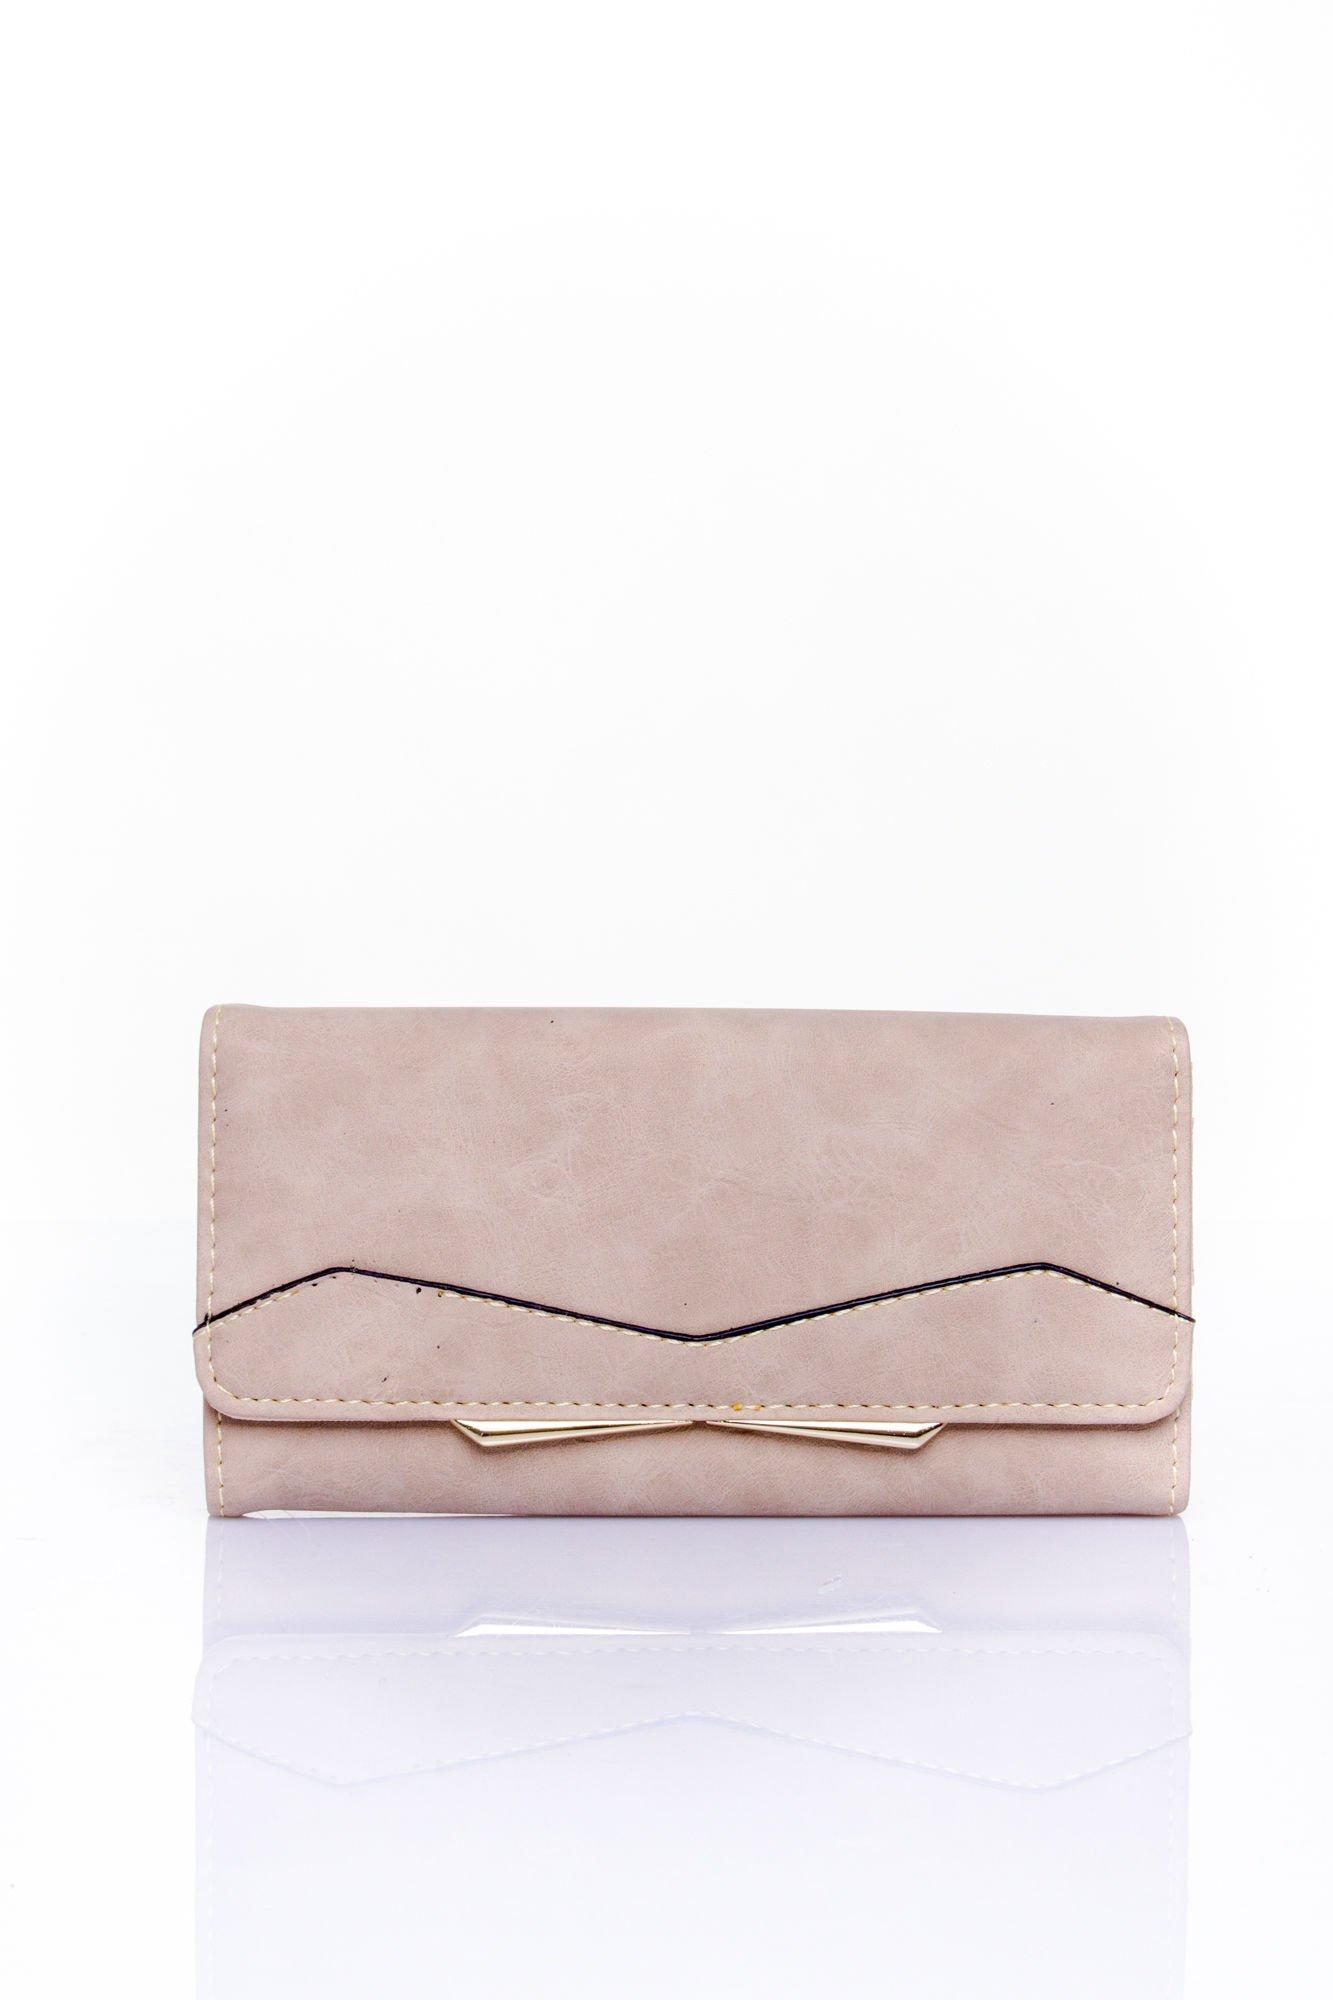 Beżowy zamszowy portfel z geometrycznym motywem                                  zdj.                                  1